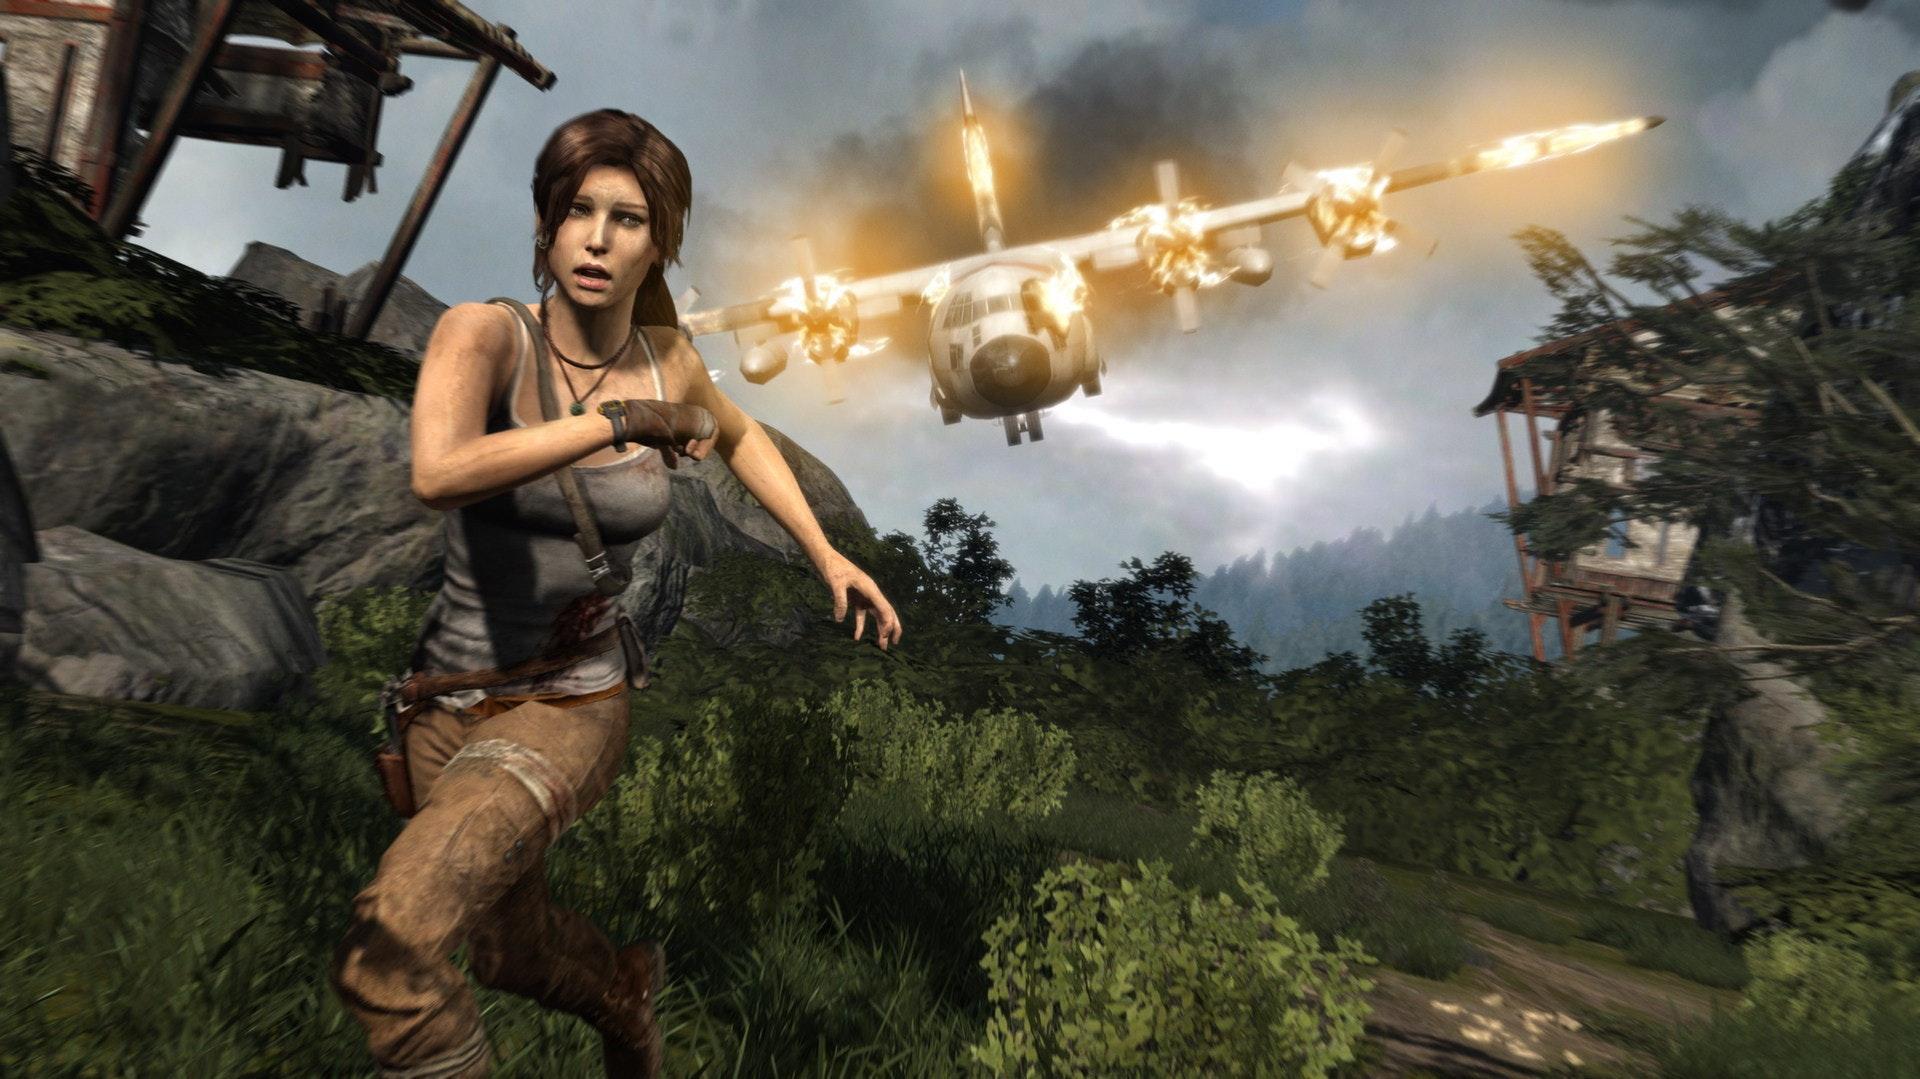 是Steam遊戲特價快訊:古墓丽影 2013年游戏《Tomb Raider》現在特價81元 便宜459元這篇文章的首圖